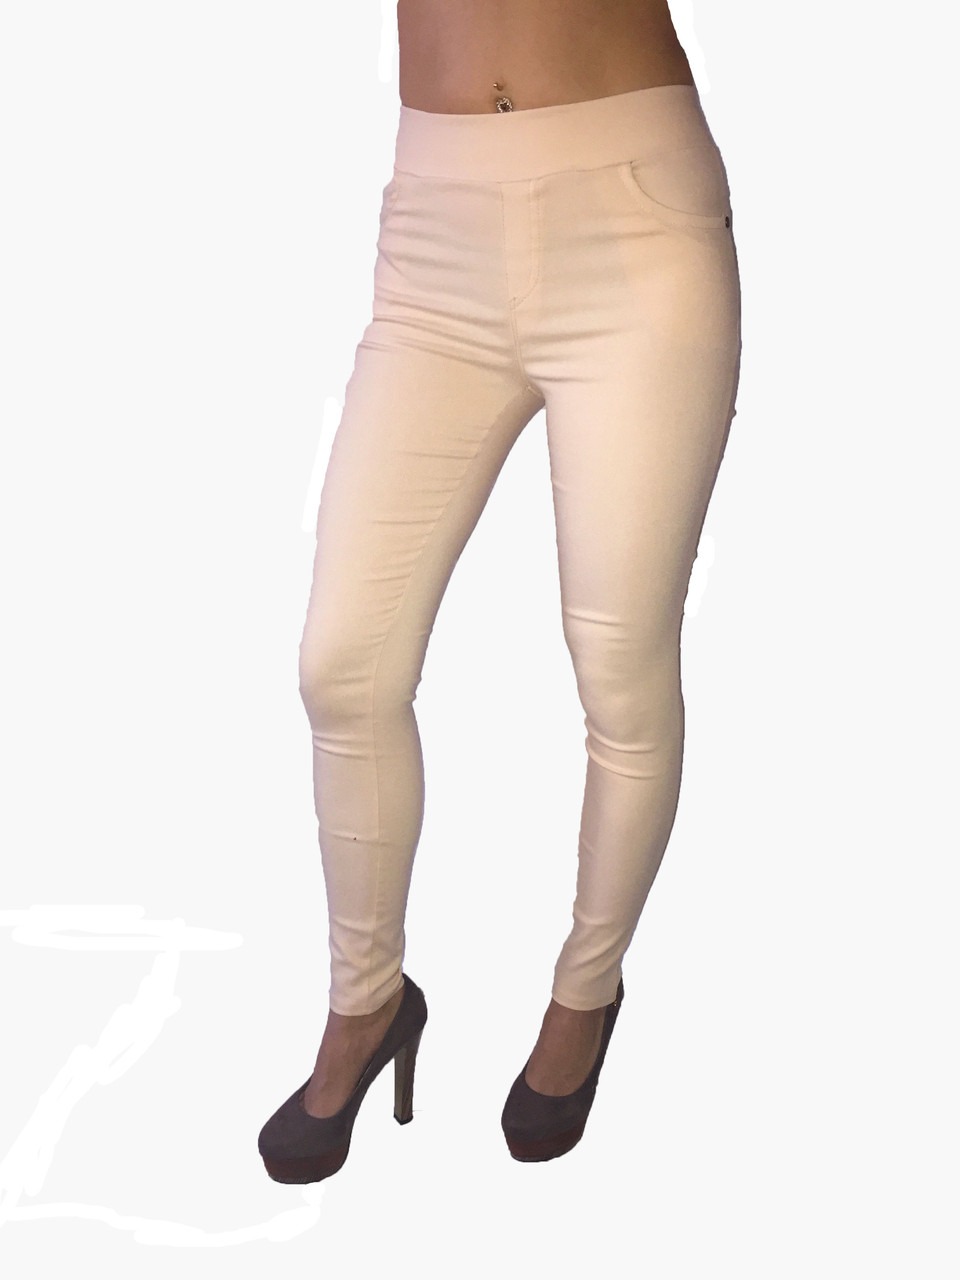 Женские брюки джинс стрейч бежевые